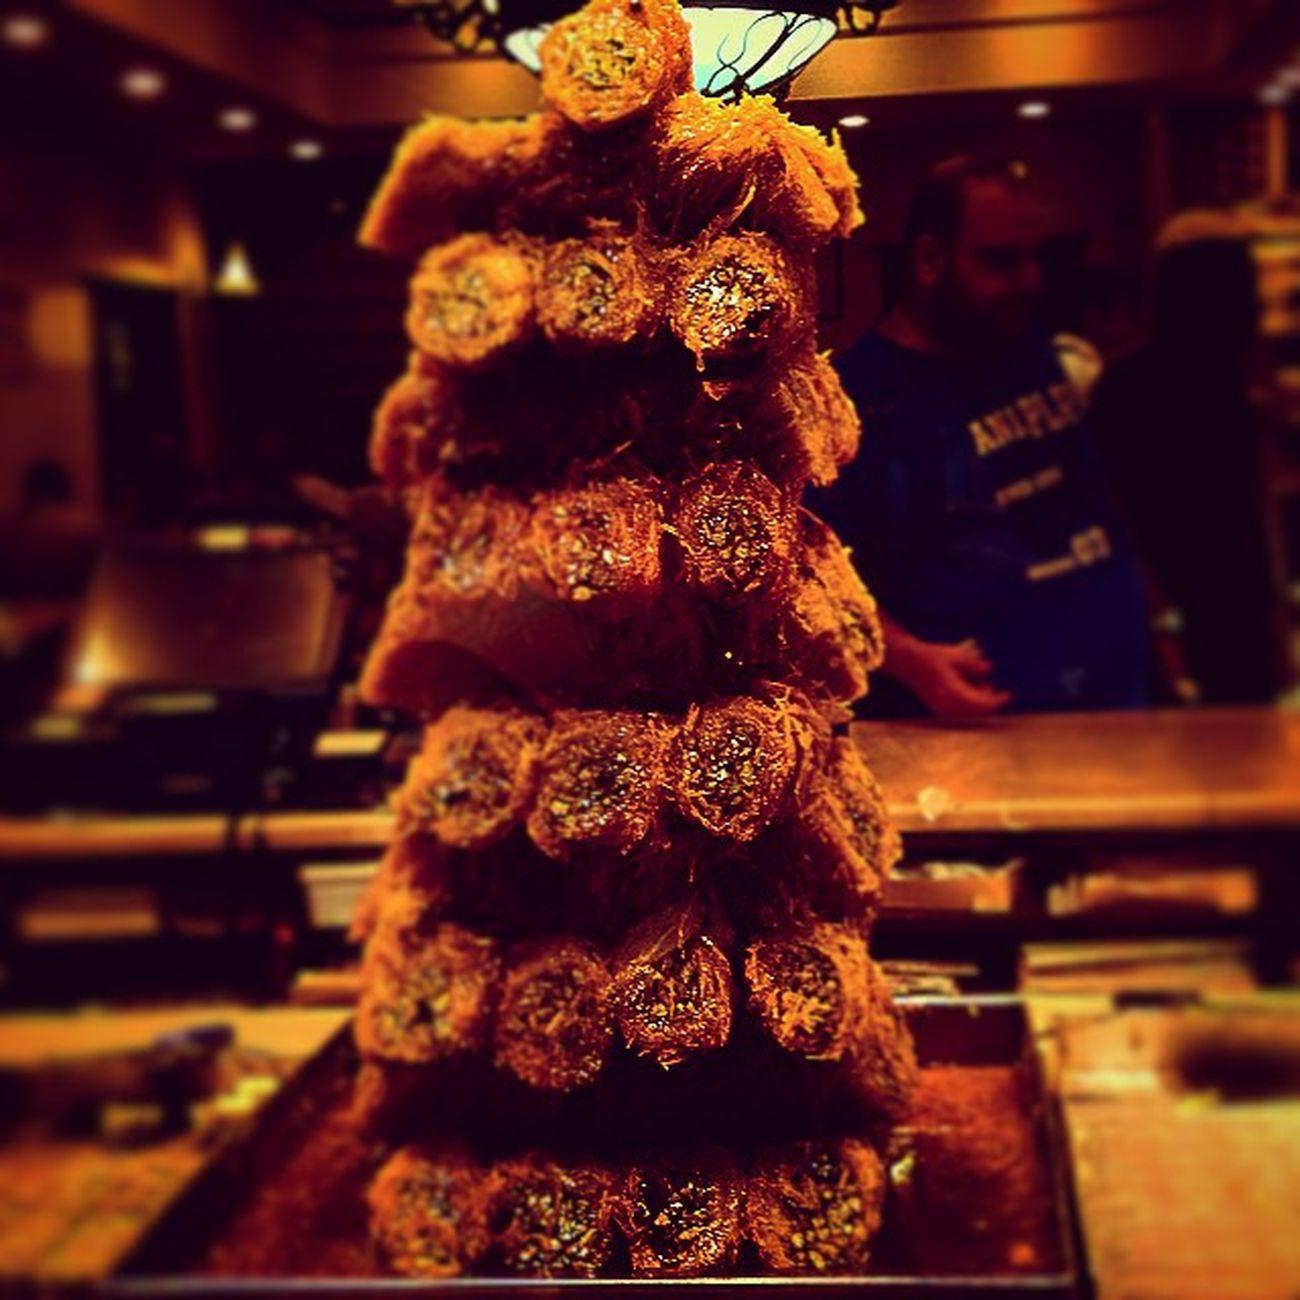 Ποιος μπορει να αντισταθεί? Foodporn Baclava Sweet Eat slurpinstaalxturkeygreecevacationssummeristanbultriproadtriptravellingjoyfoodenthousiasismexcursionmototripinstatriphappyinstaframeinstatravelinstayunaninstafoodeastlovevosporoslovesummeraddicted_to_tripdream_come_true